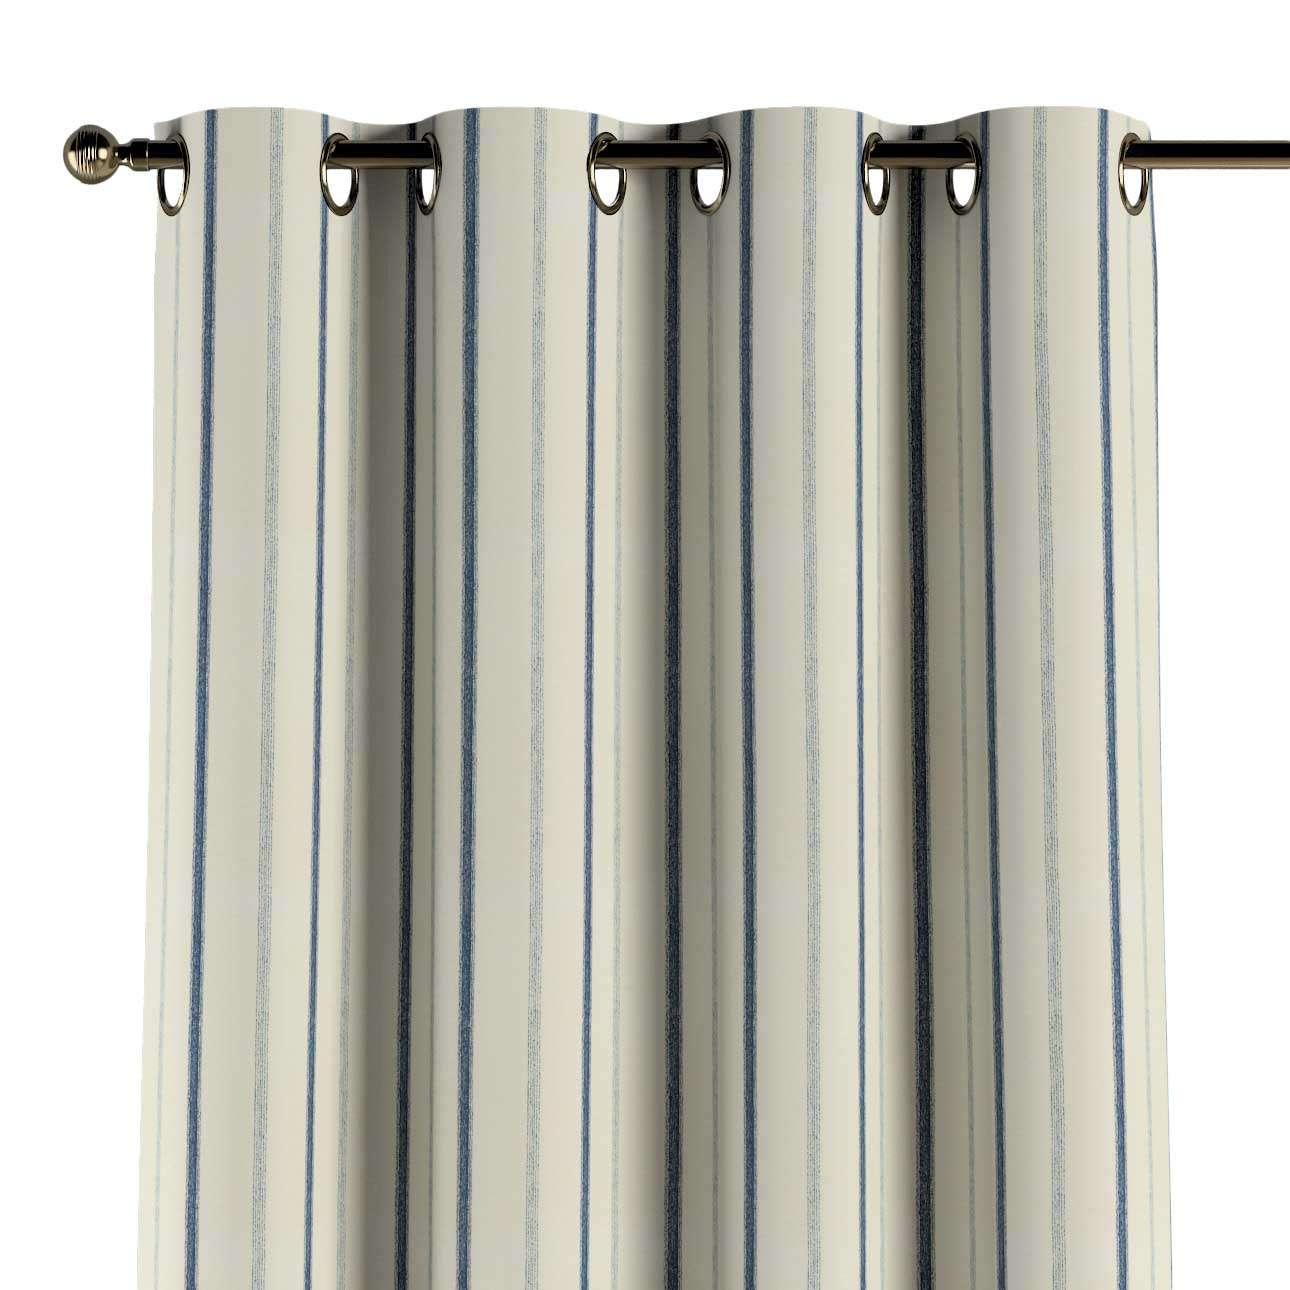 Zasłona na kółkach 1 szt. 1szt 130x260 cm w kolekcji Avinon, tkanina: 129-66